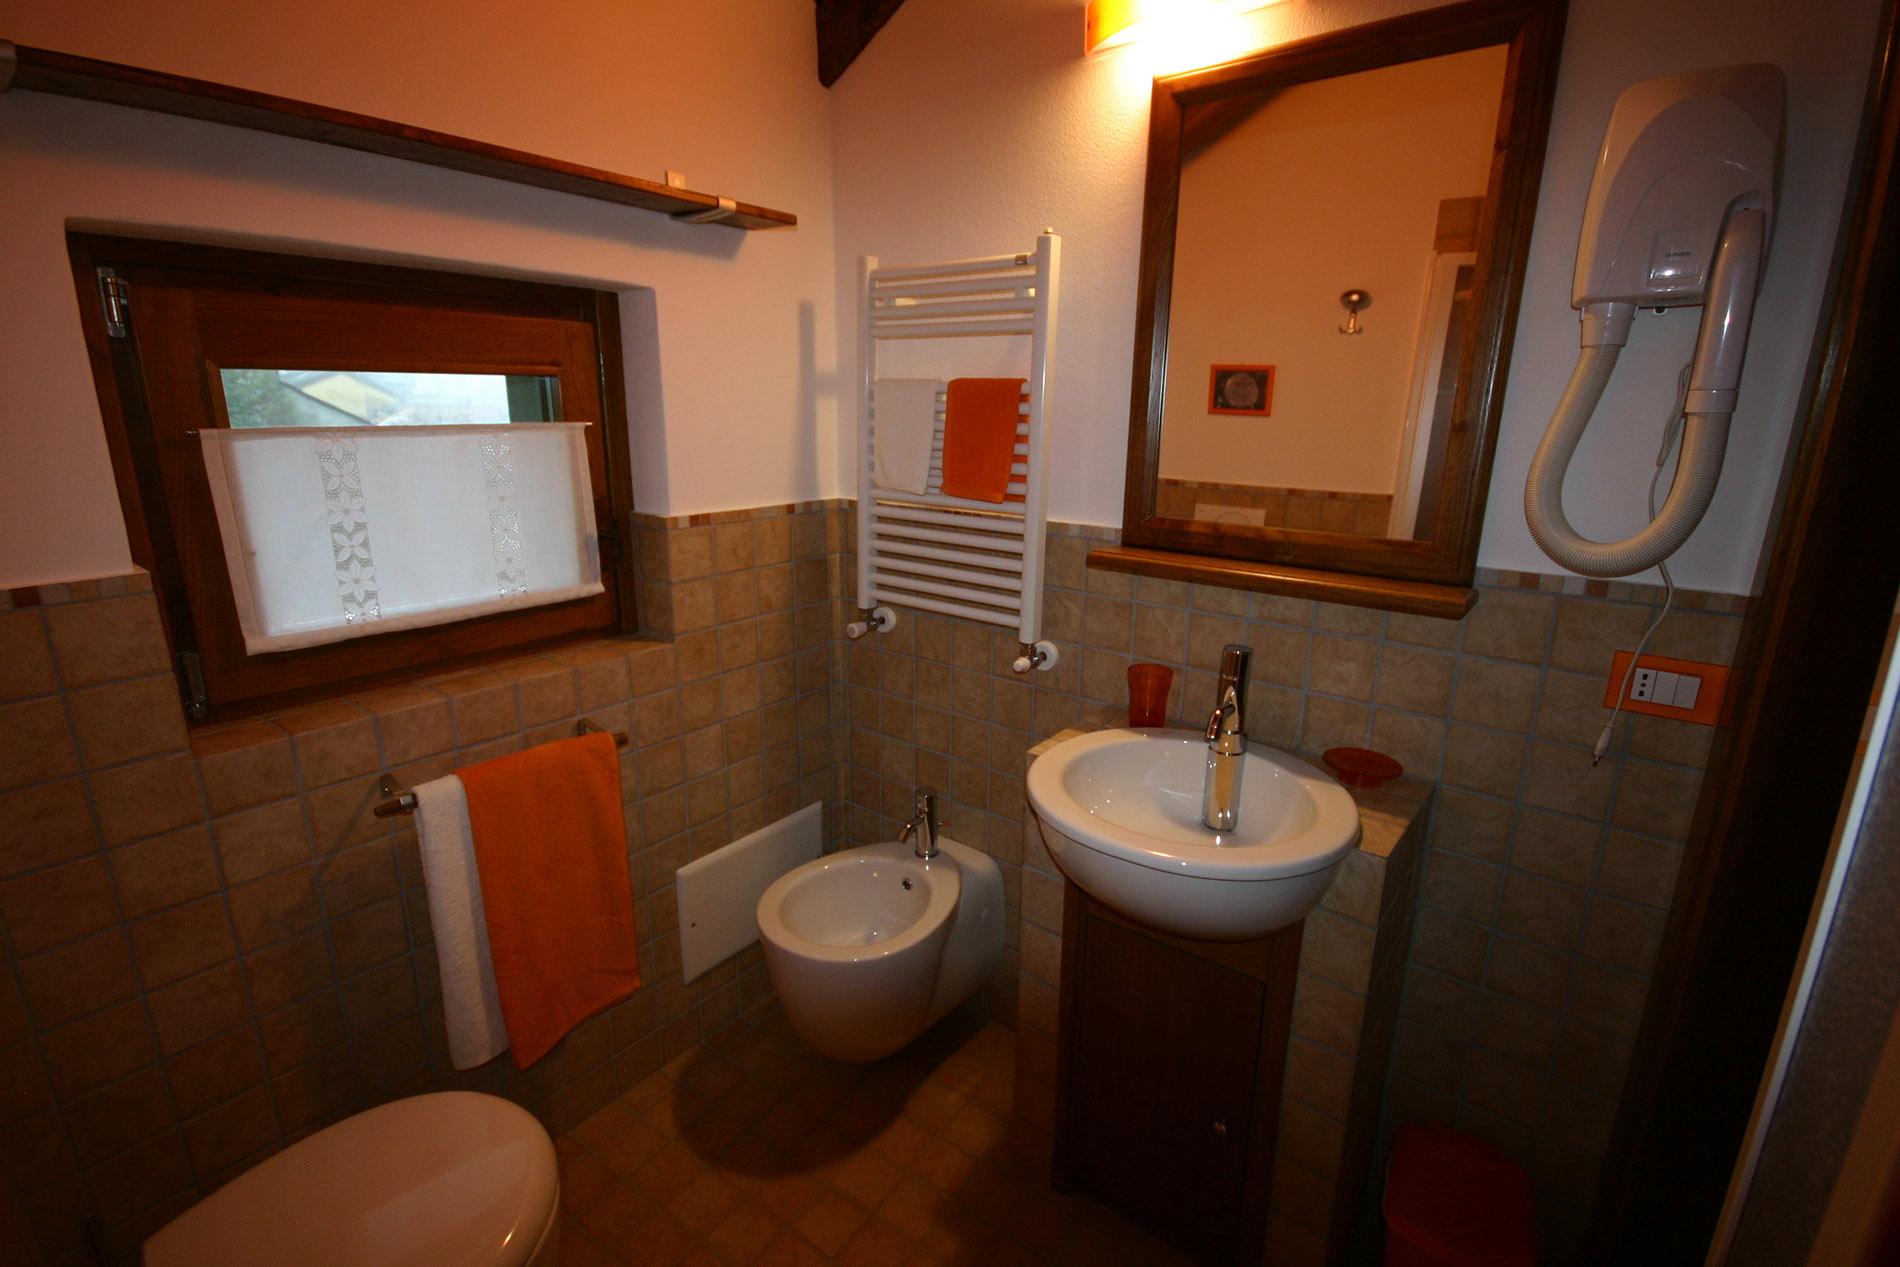 Bagno - Formiche in bagno ...